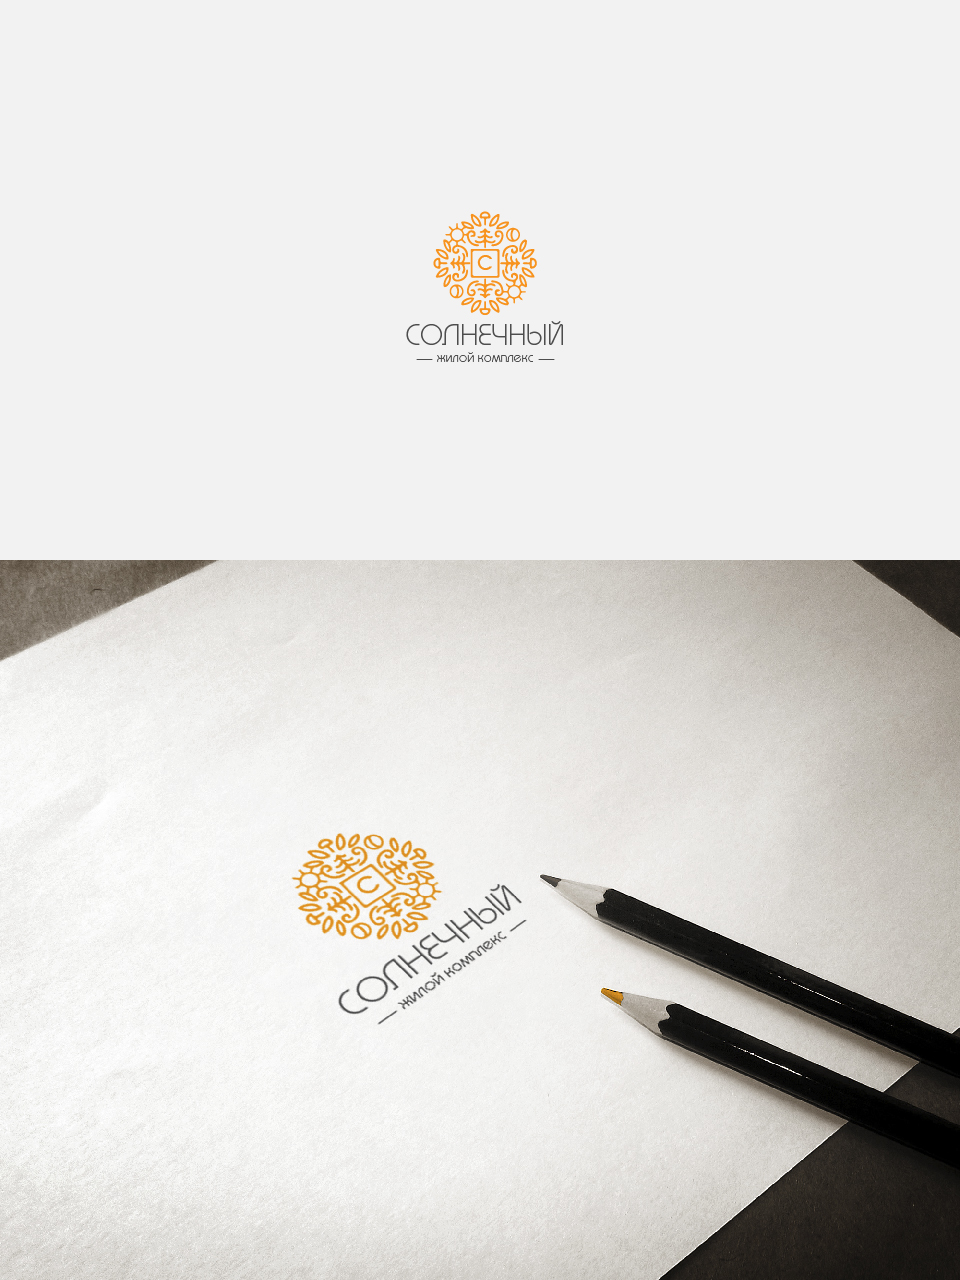 Разработка логотипа и фирменный стиль фото f_011596f4d2c8ca33.jpg